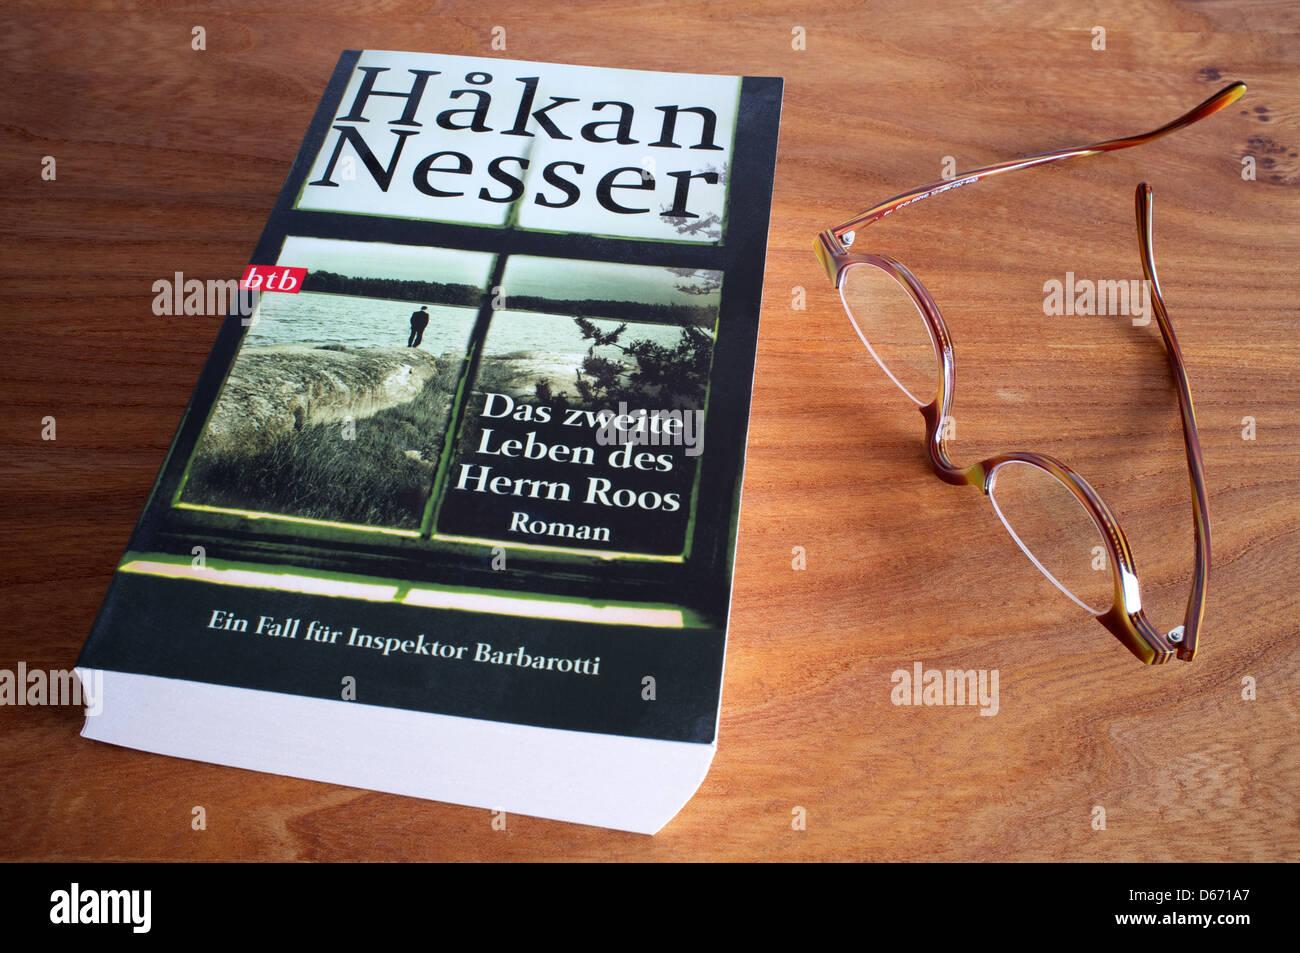 Hakan Nesser Das zweite Leben des Herrn Roos - Stock Image